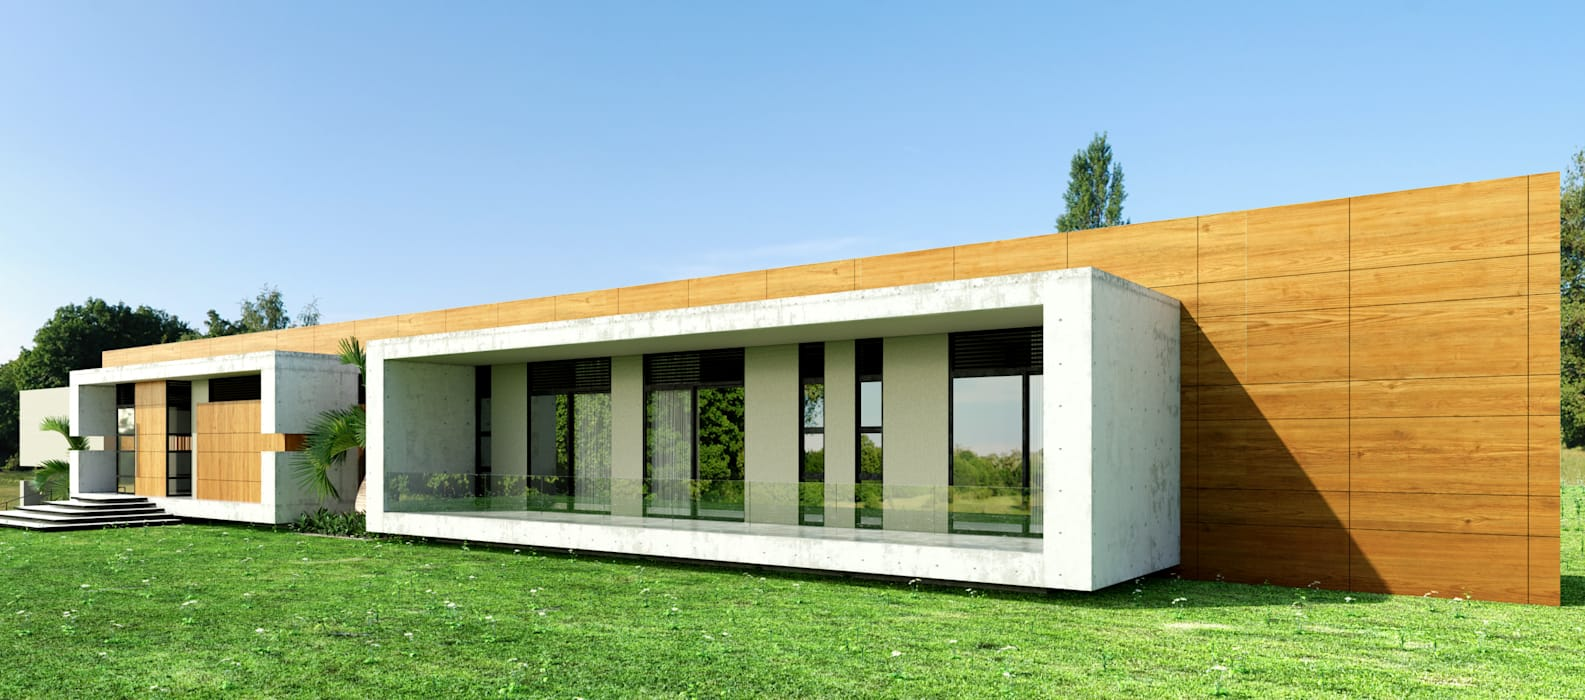 Casa Conjunto residencial Las Victorias / Ibagué - Colombia Casas de estilo minimalista de Taller 3M Arquitectura & Construcción Minimalista Concreto